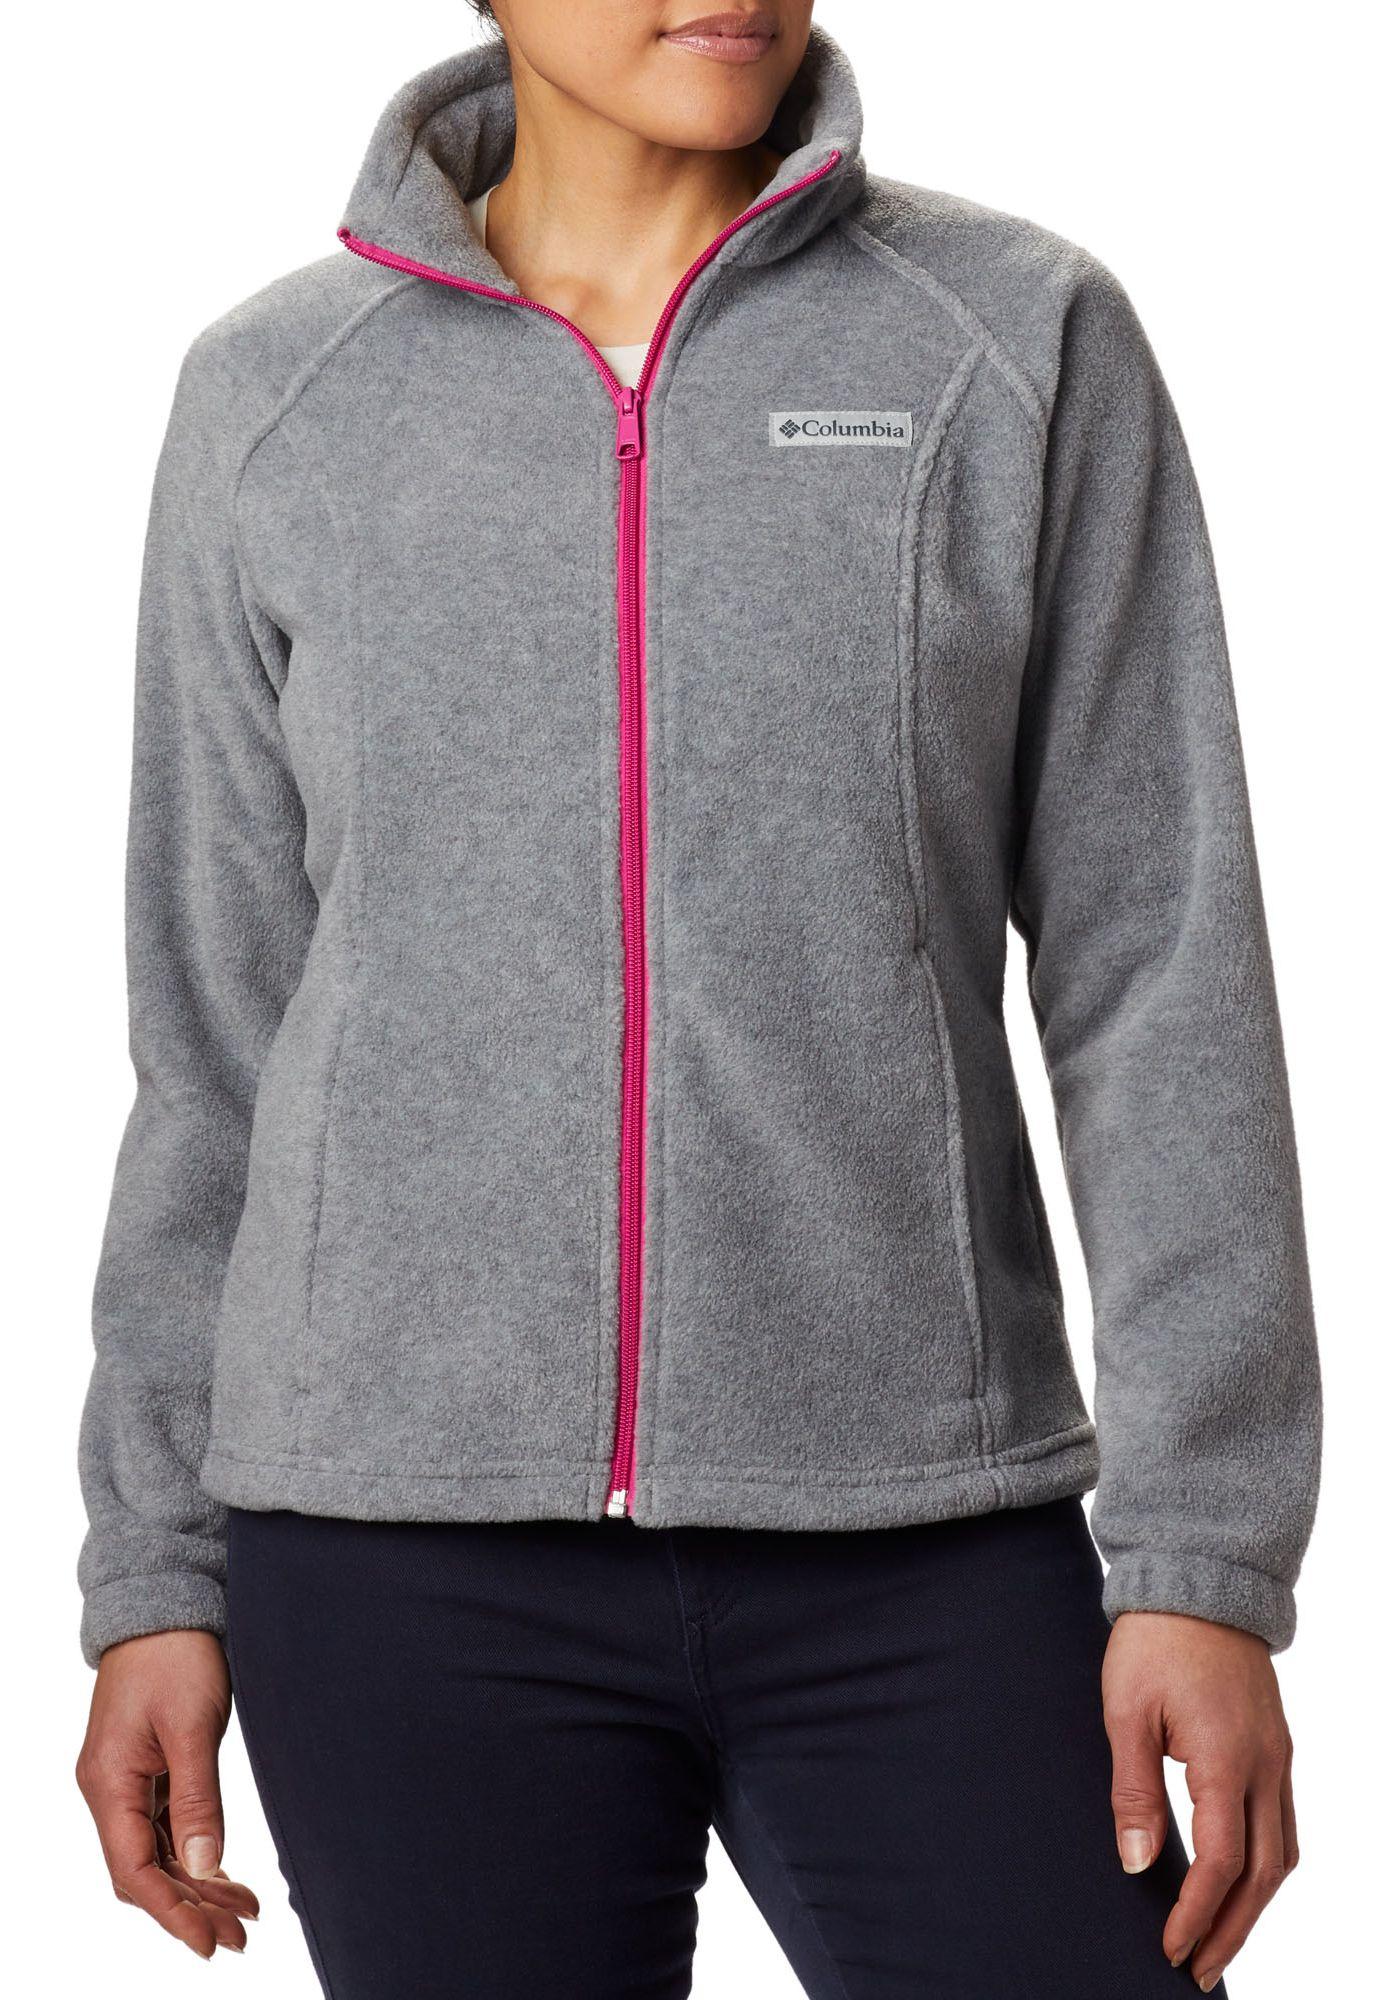 Columbia Women S Benton Springs Full Zip Fleece Jacket